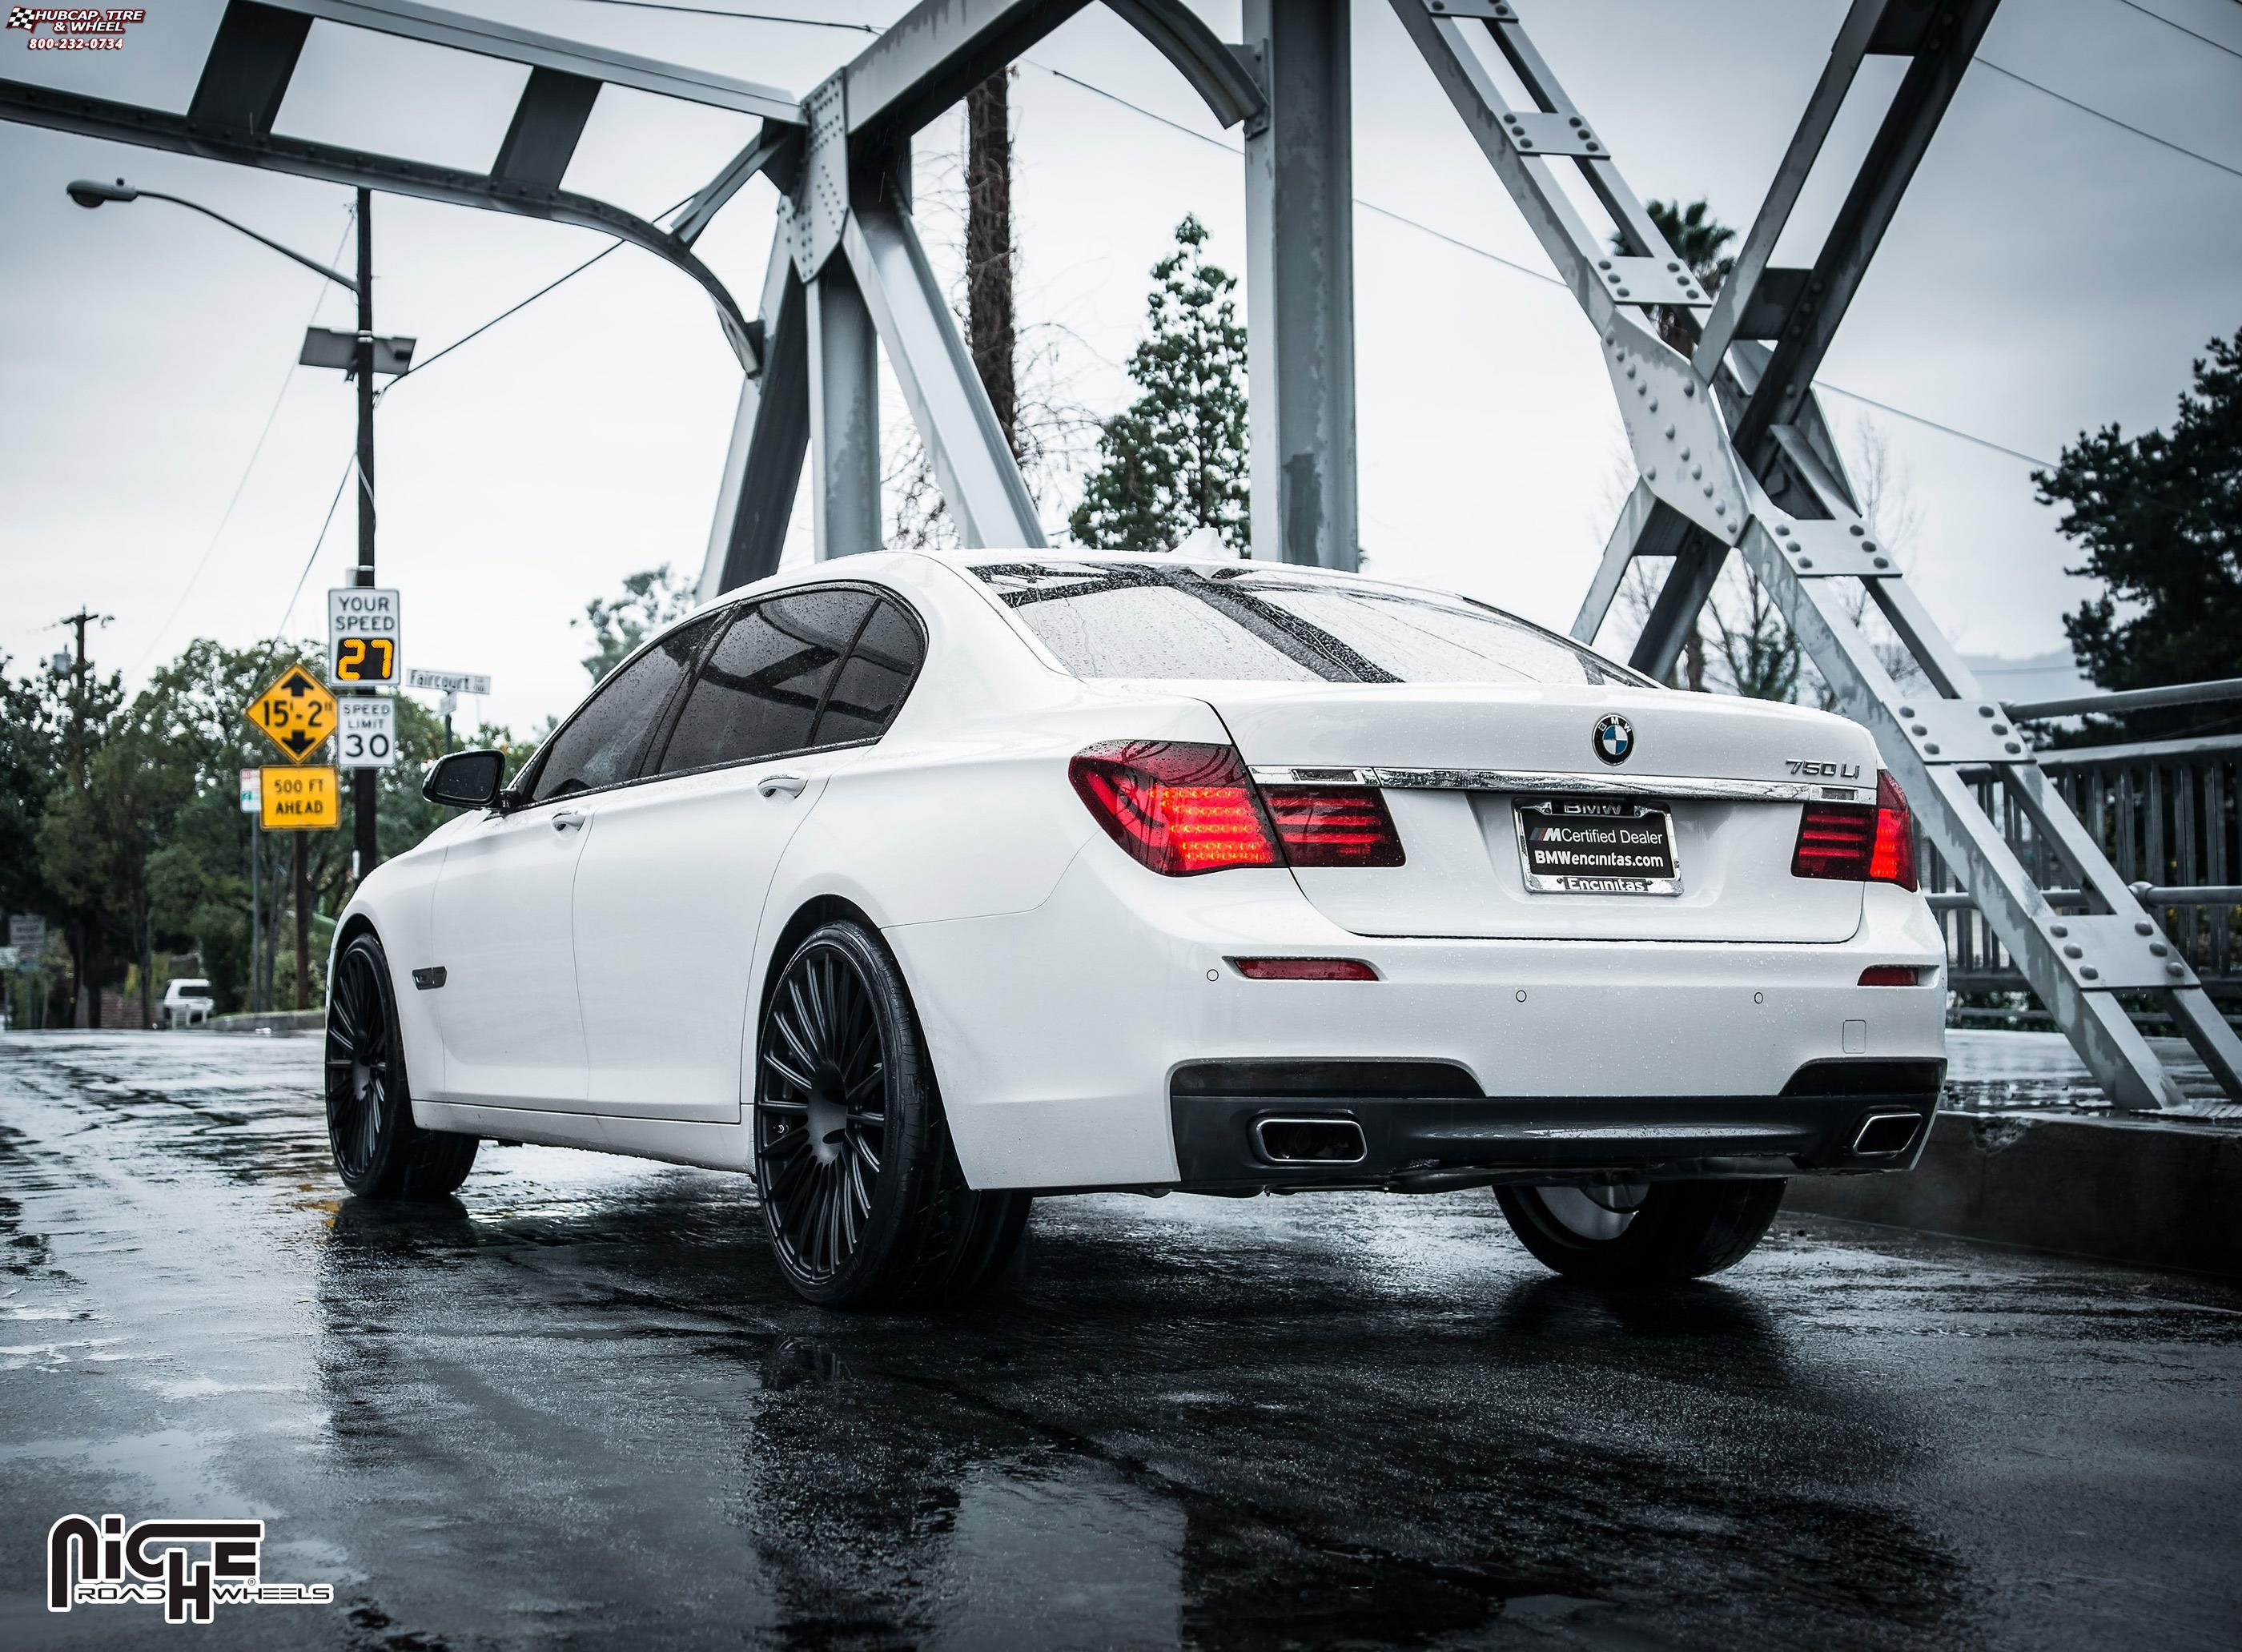 2012 BMW 750Li >> BMW 750 Li Niche Stance Wheels Matte Black